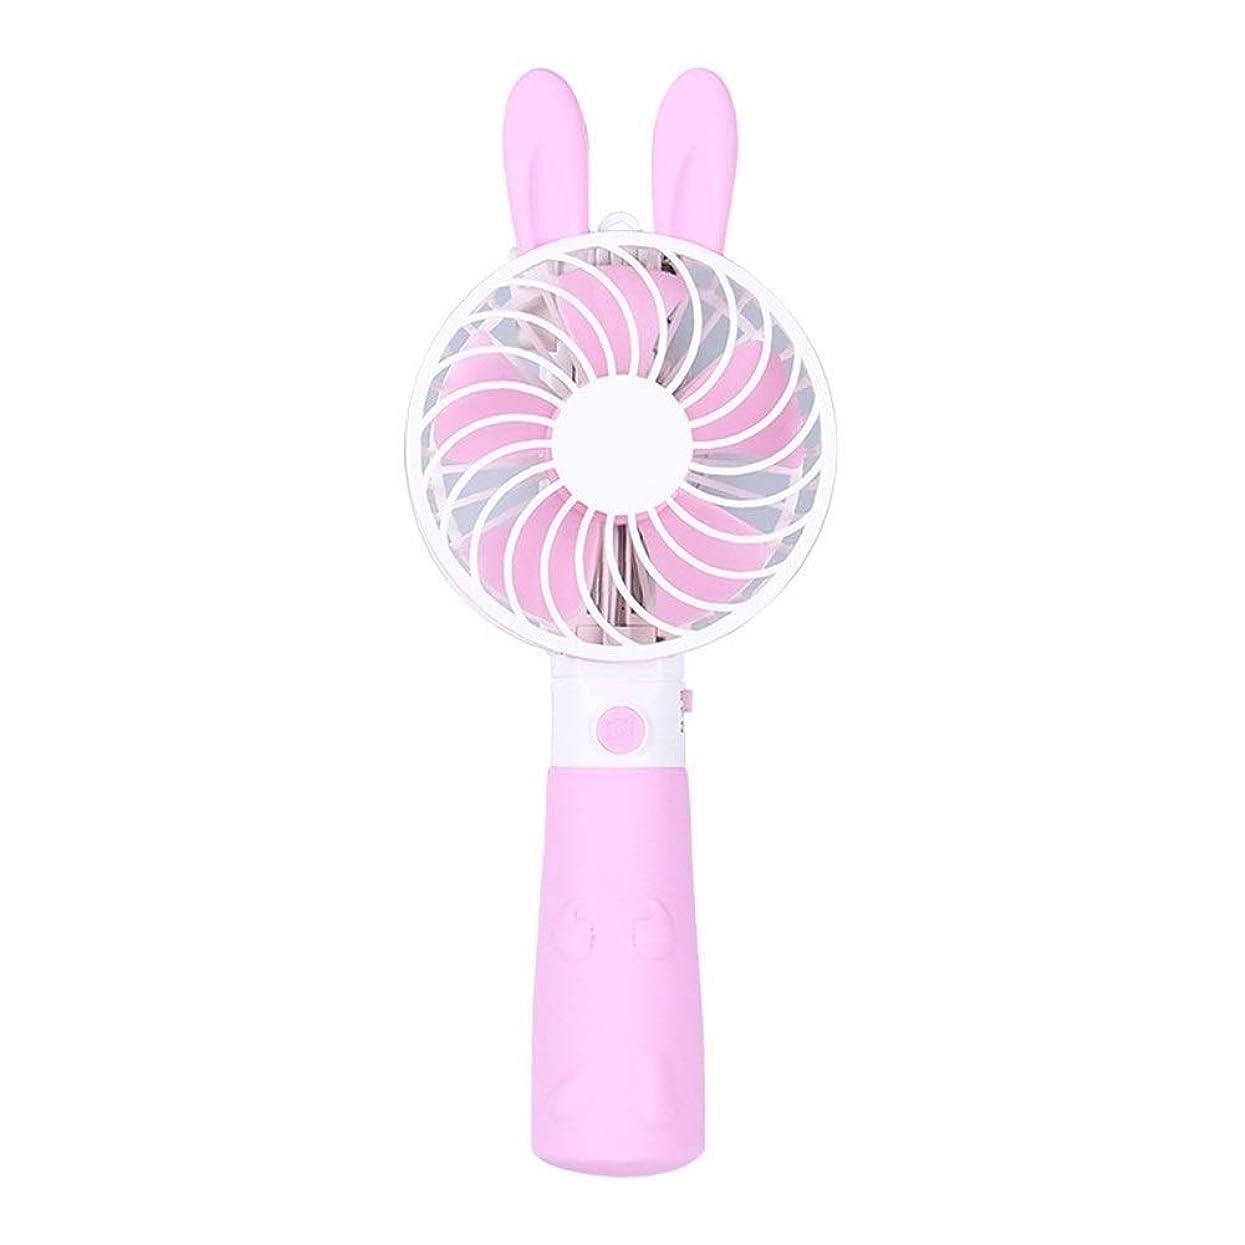 シニス逃れるスキャンセルフタイマーロッド付きポータブルファンUSBミニハンドヘルドローファン旅行Bivouacking ミニ扇風機 (Color : Pink)